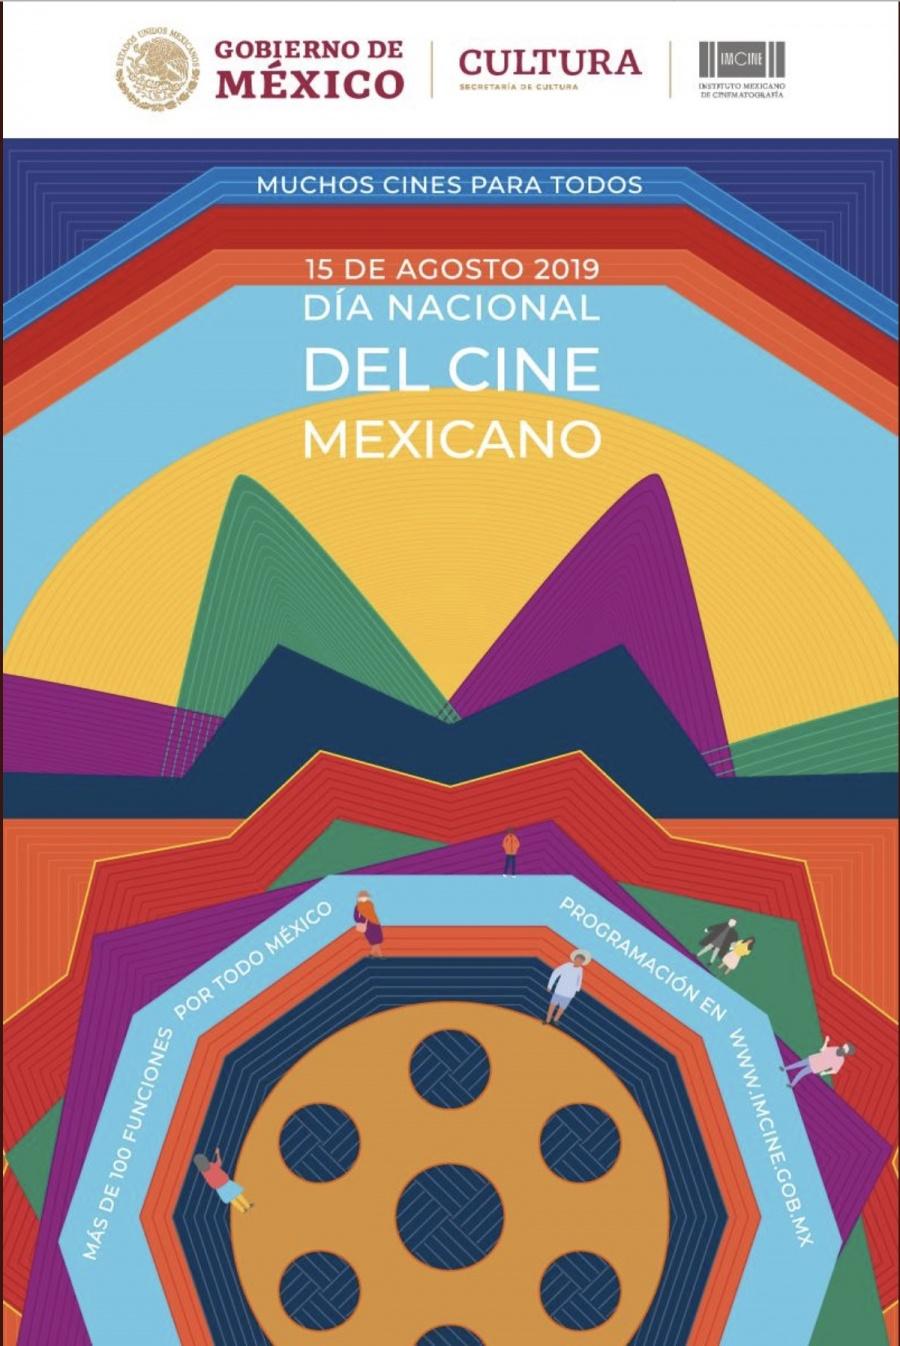 Festeja al cine mexicano en su día